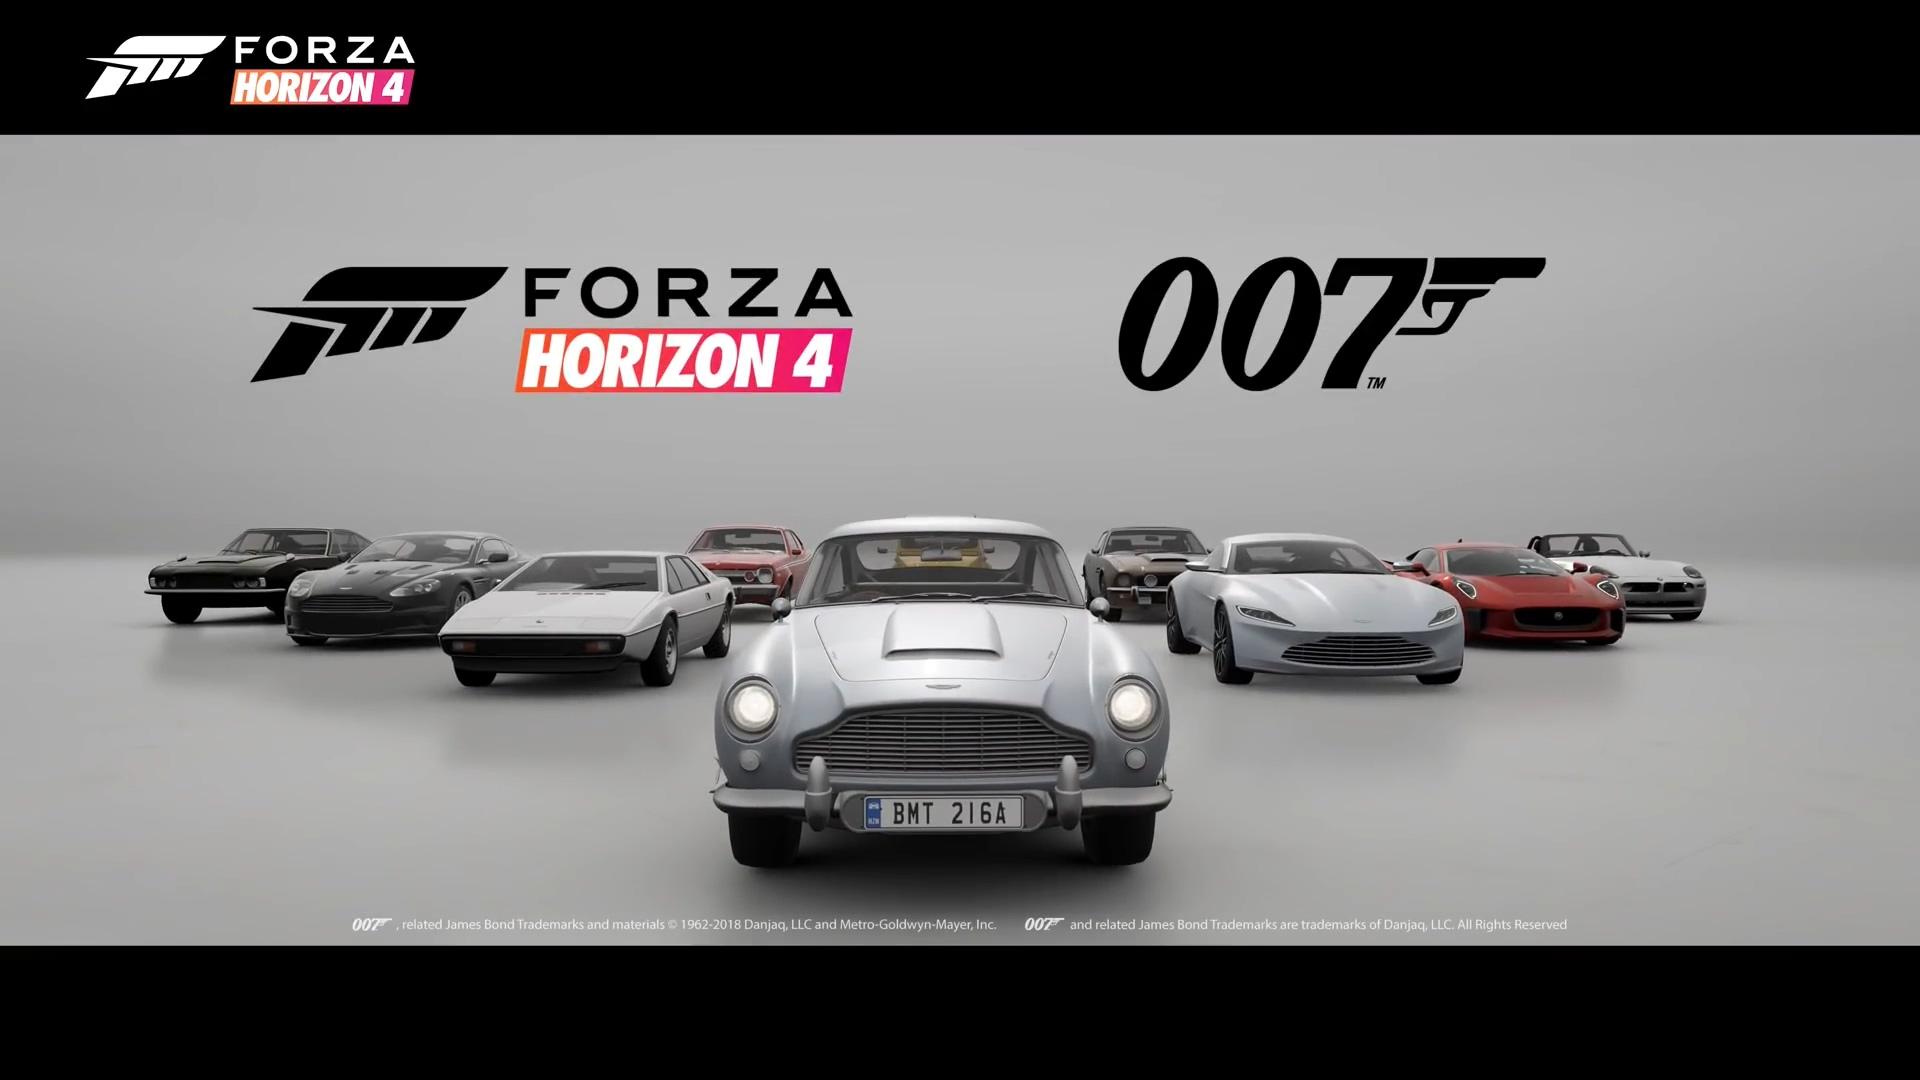 《极限竞速:地平线4》推出传奇特工007专用车辆包